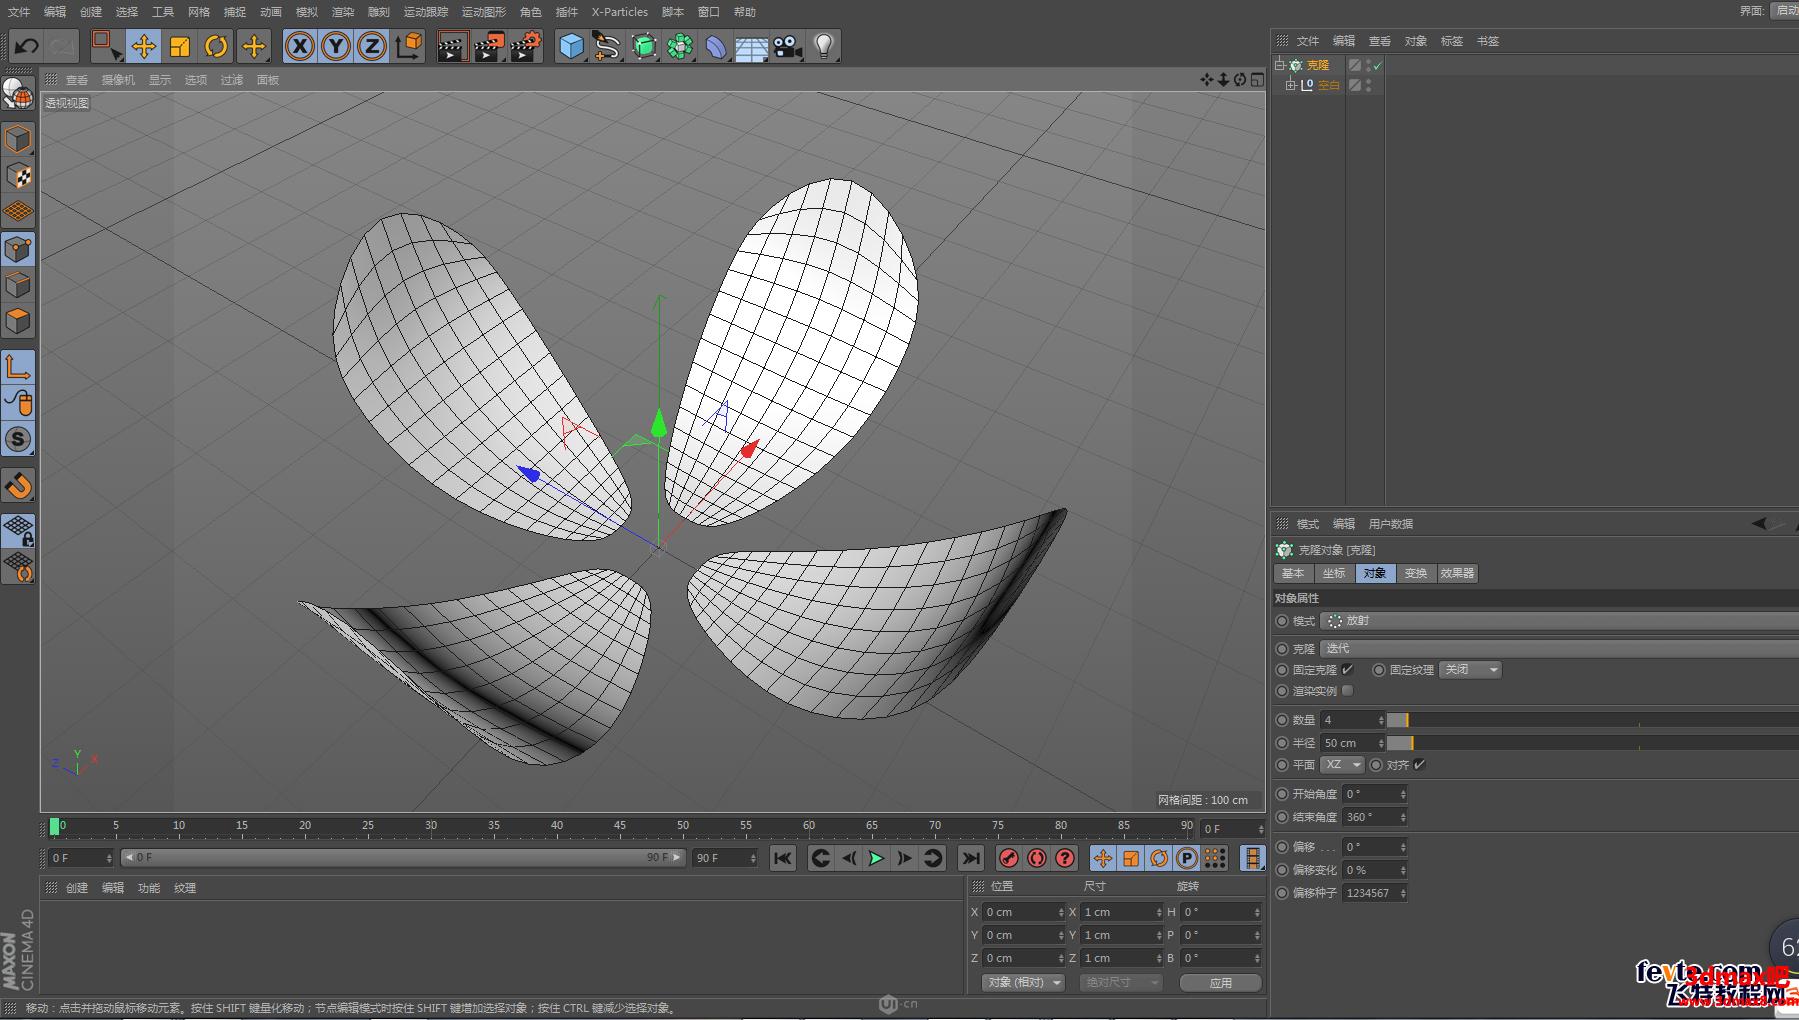 调节立方体的大小和圆柱的形状如下图,给圆柱添加一个扭曲变形器,复制